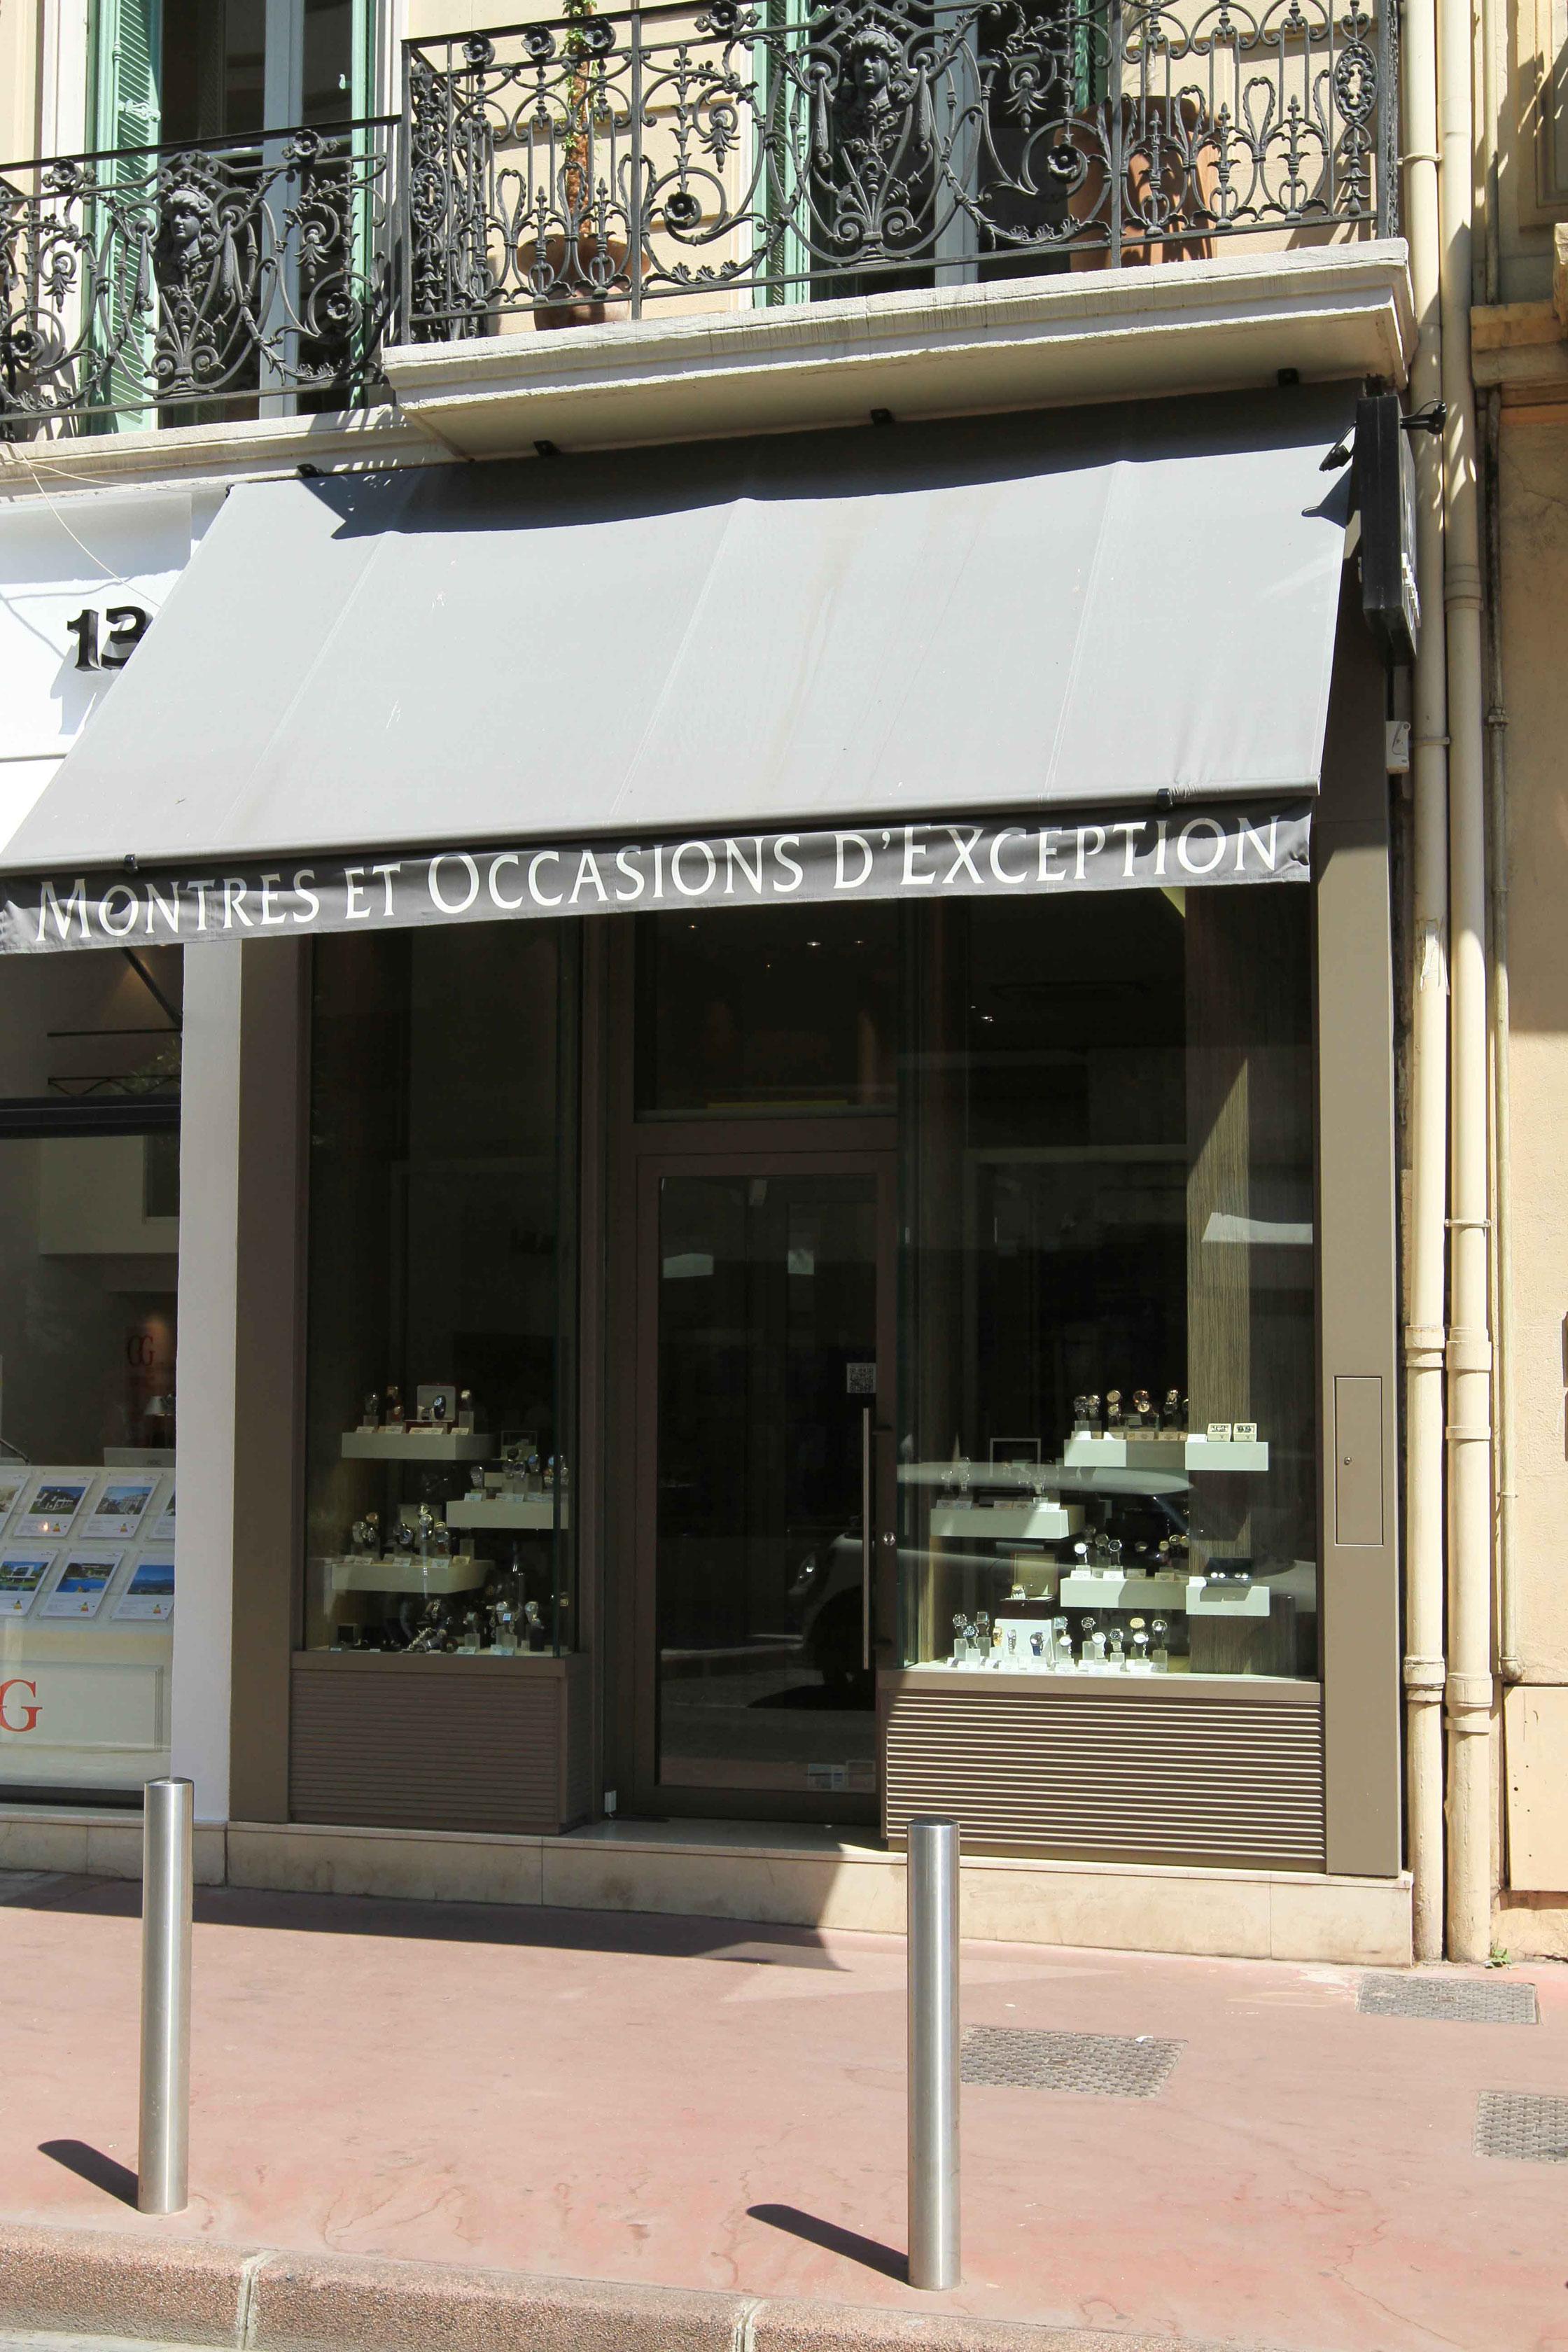 montre de luxe cannes boutique cresus cannes magasin bijoux cannes. Black Bedroom Furniture Sets. Home Design Ideas